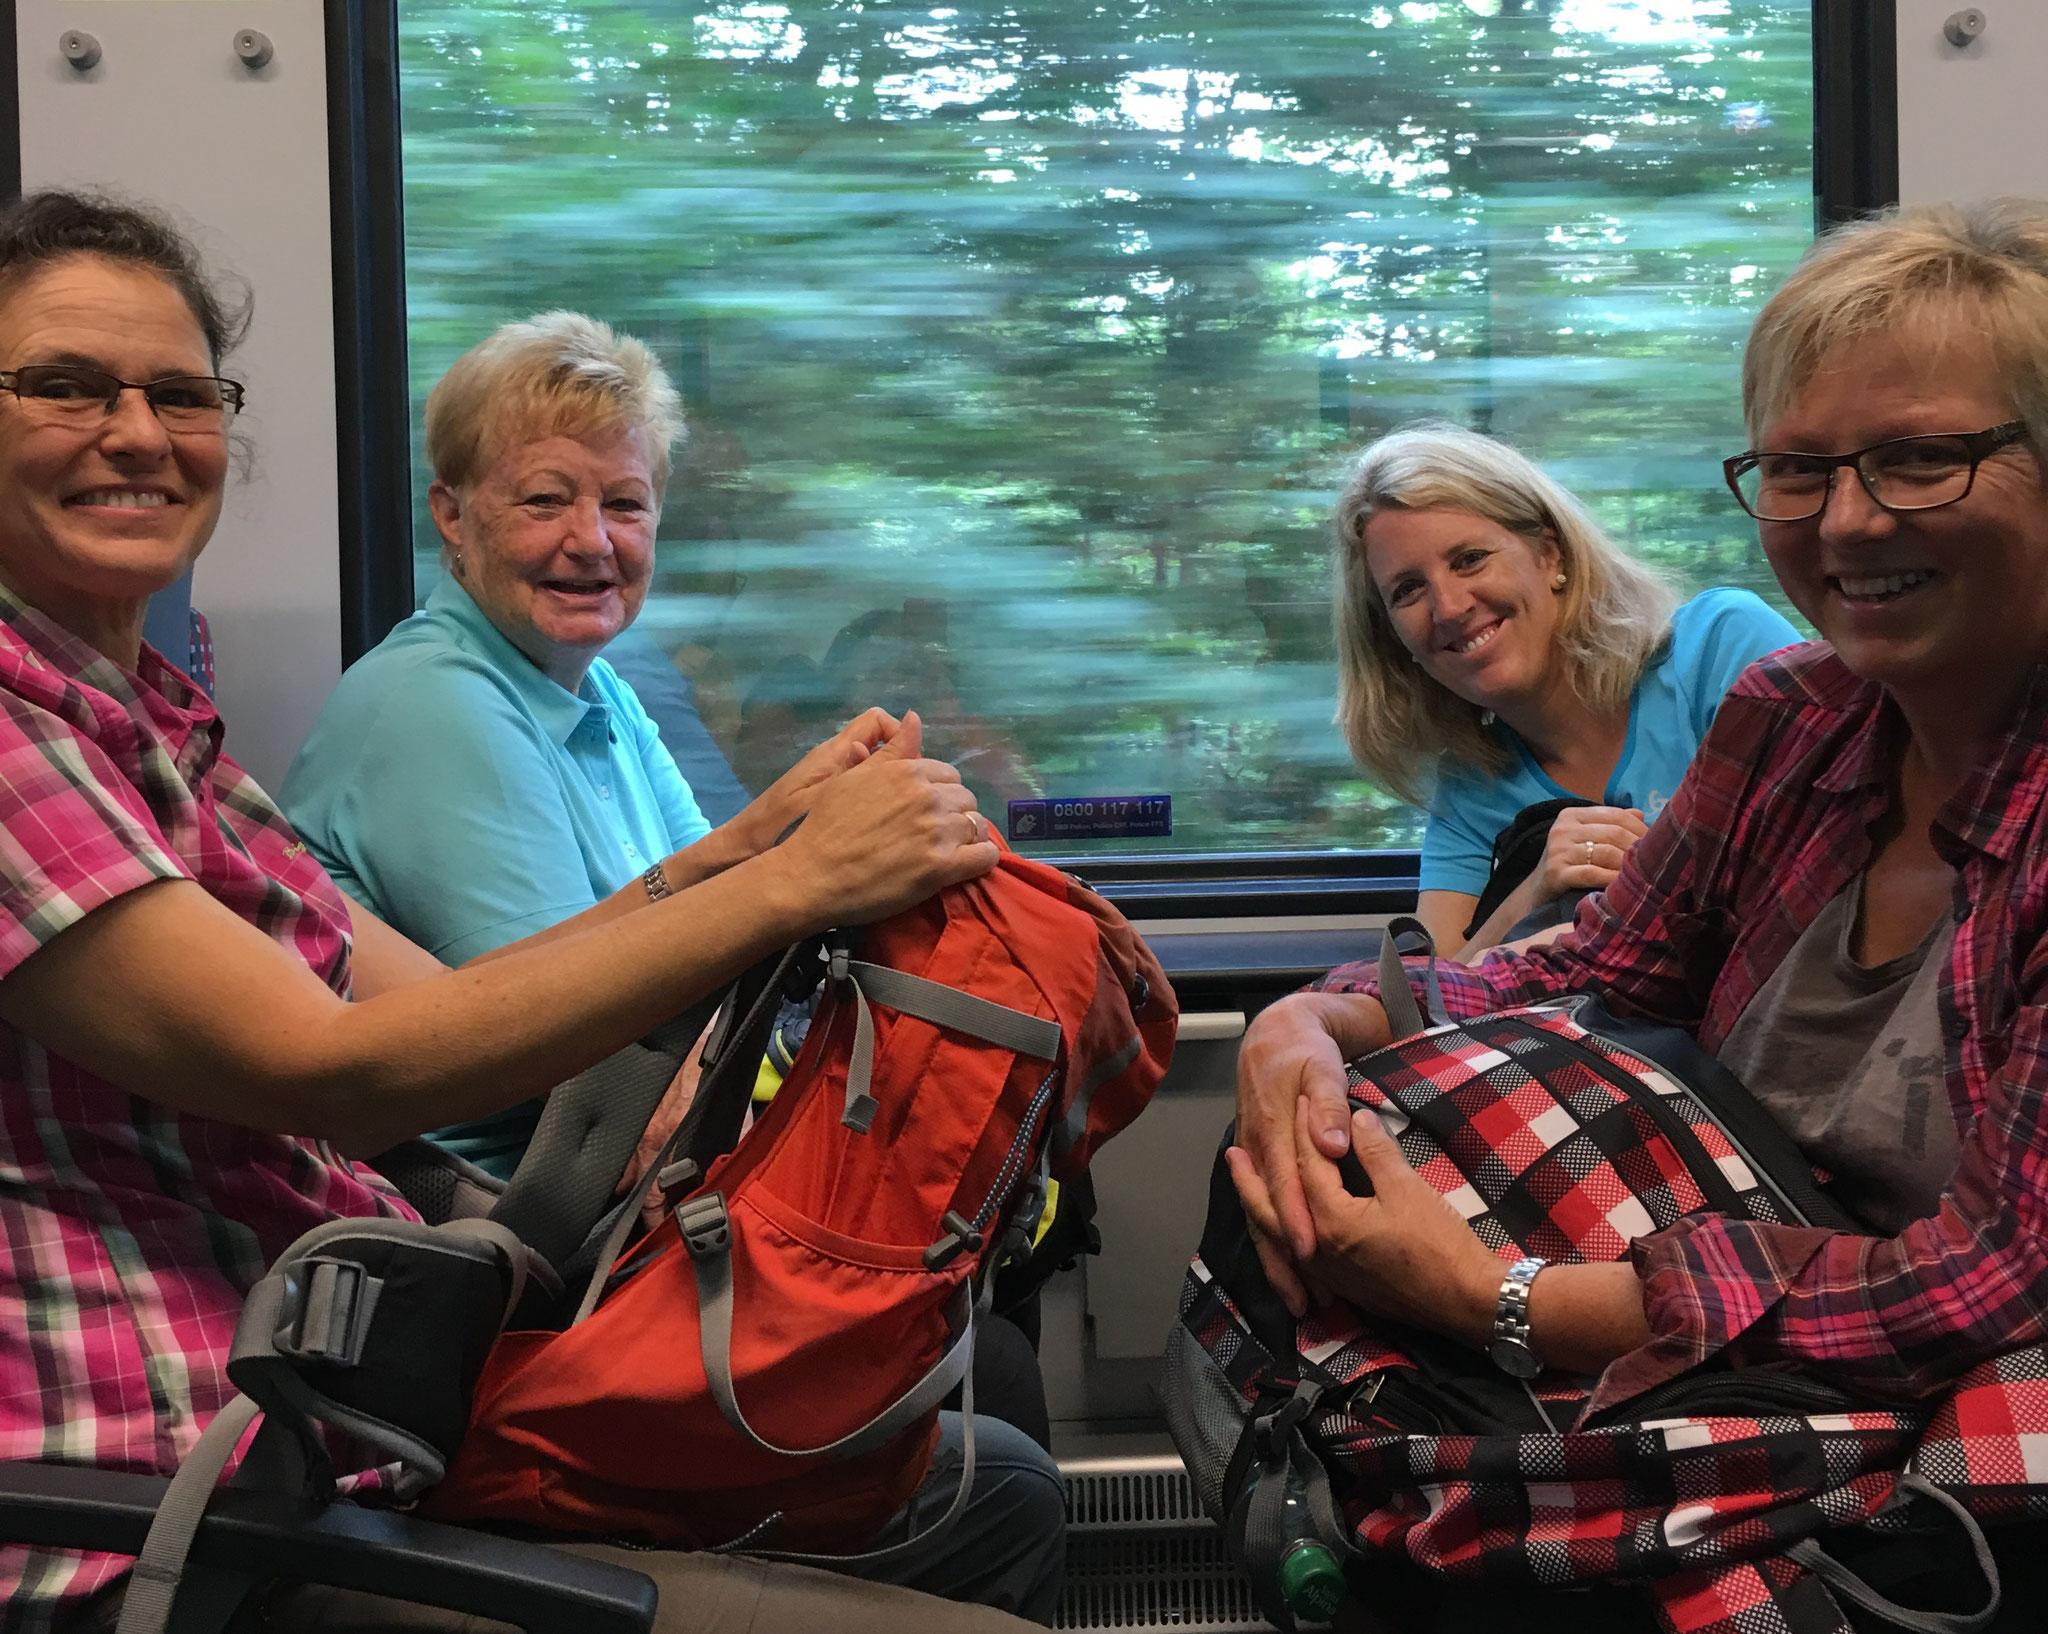 Los geht's am Samstag mit dem Zug nach Uetliburg...